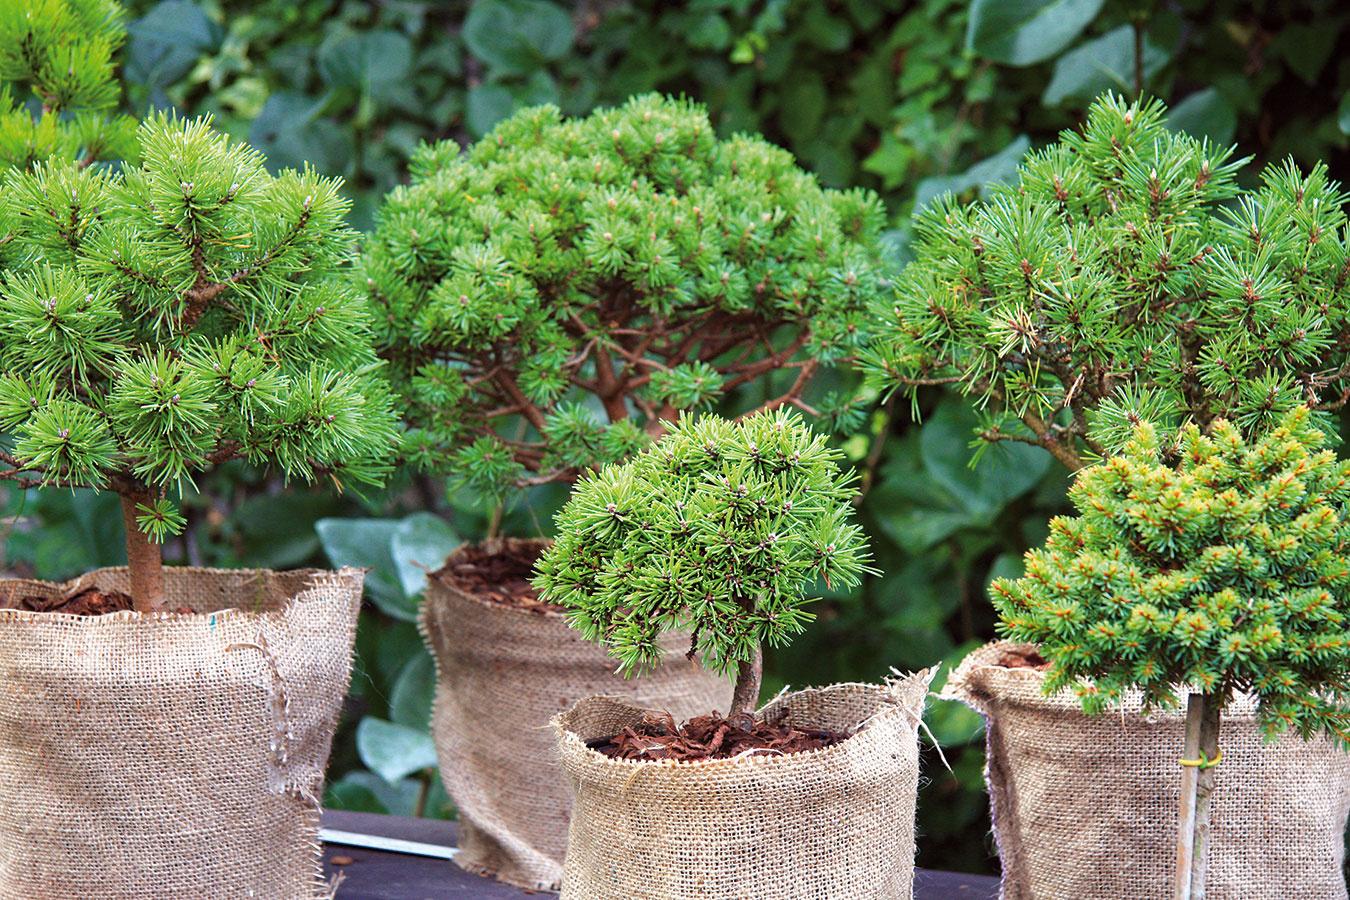 Aj počas zimy je dôležité myslieť na zálievku rastlín vzáhrade. Vlahu treba dopriať bambusom, ihličnanom aj vždyzeleným listnáčom (najmä rododendronom). Urobiť tak treba počas suchších slnečných dní, keď nemrzne.